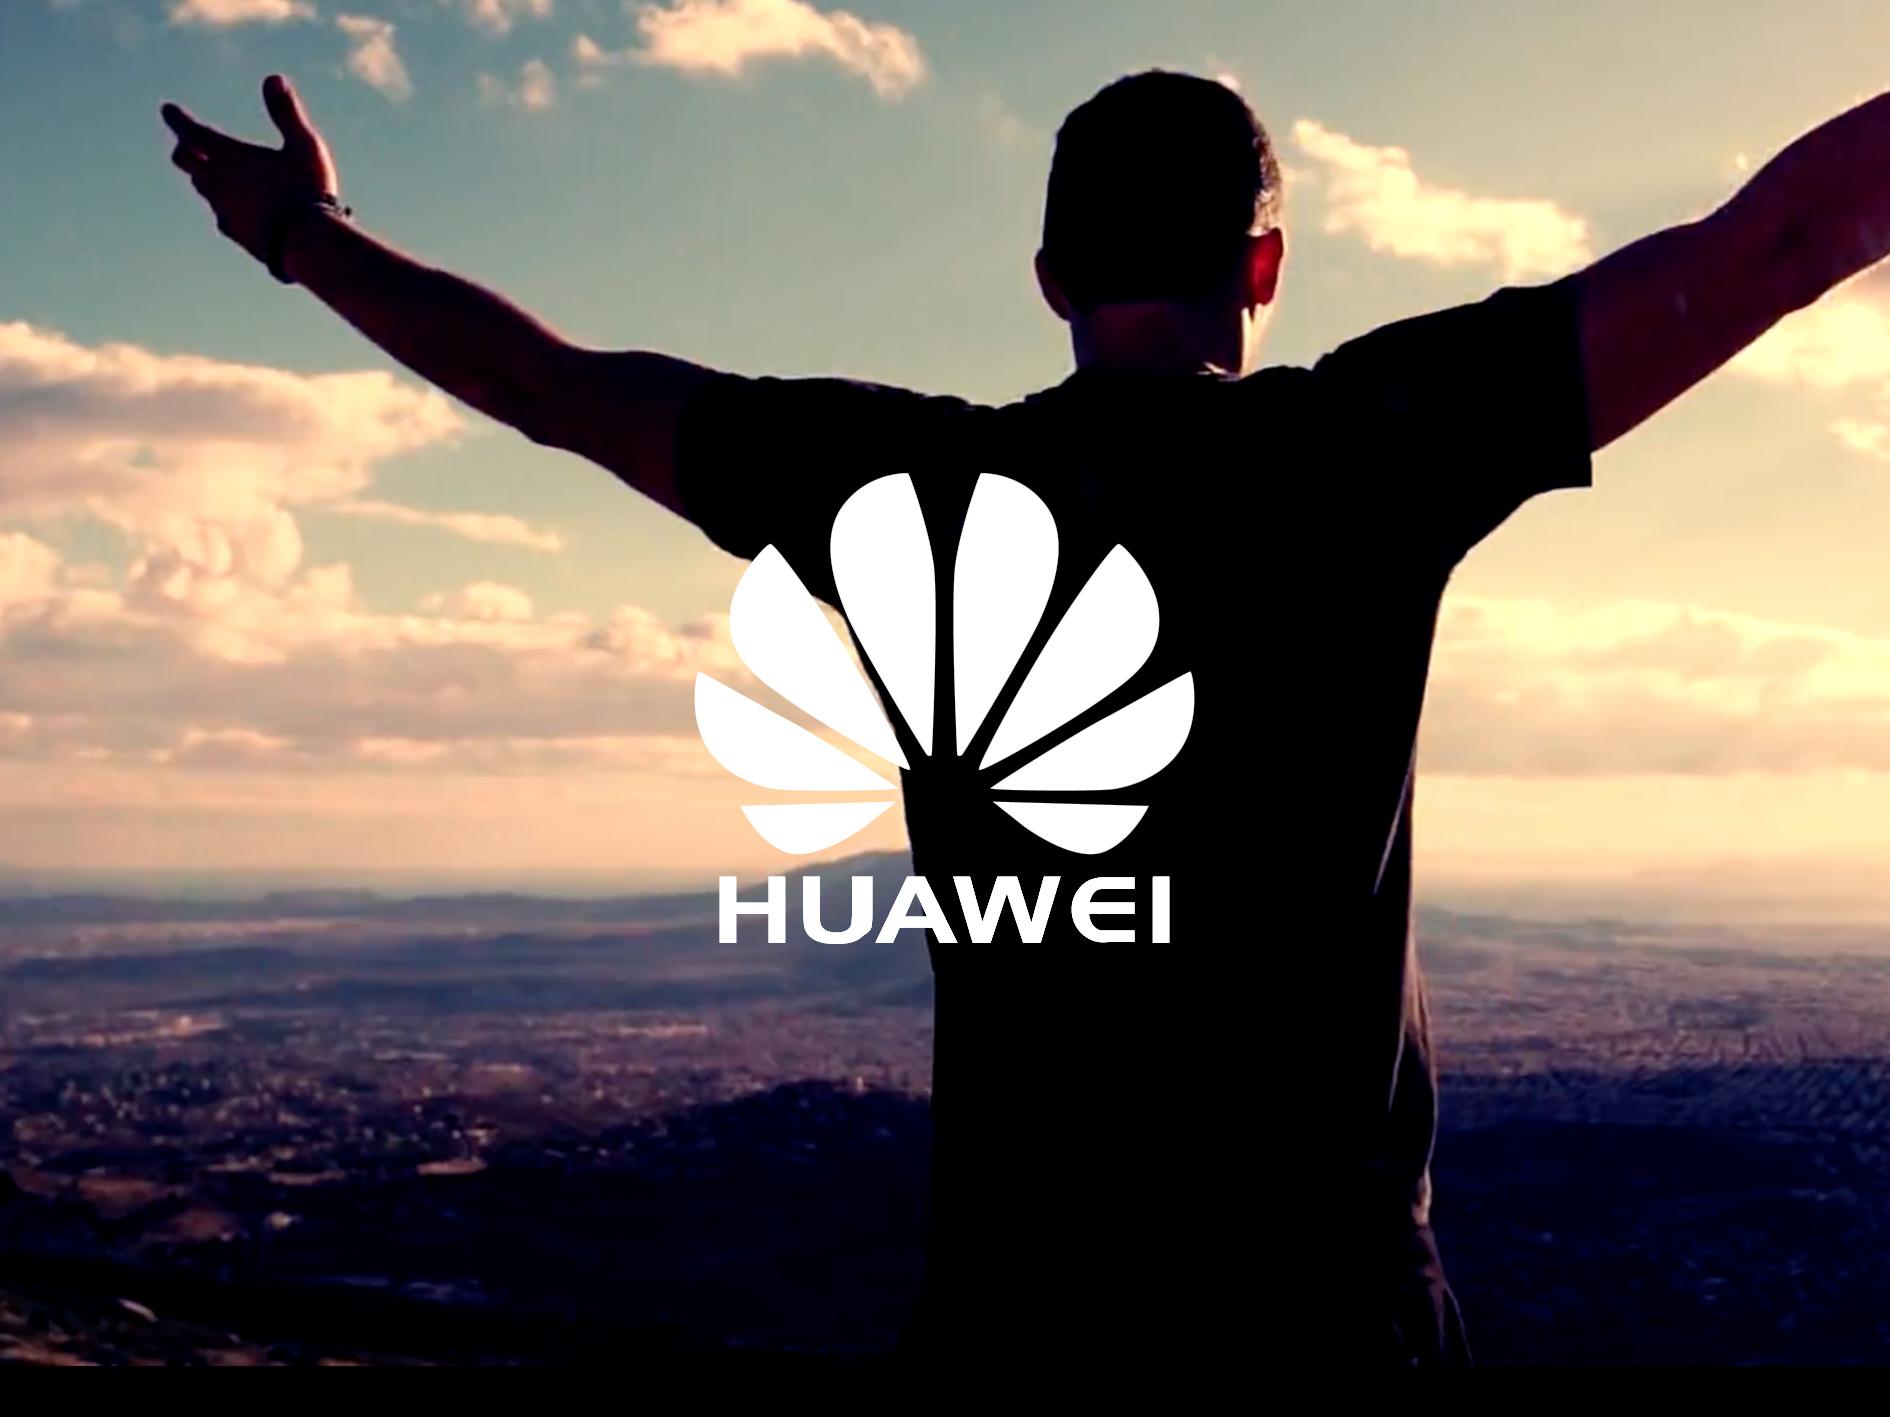 Huawei Thumbnail.jpg